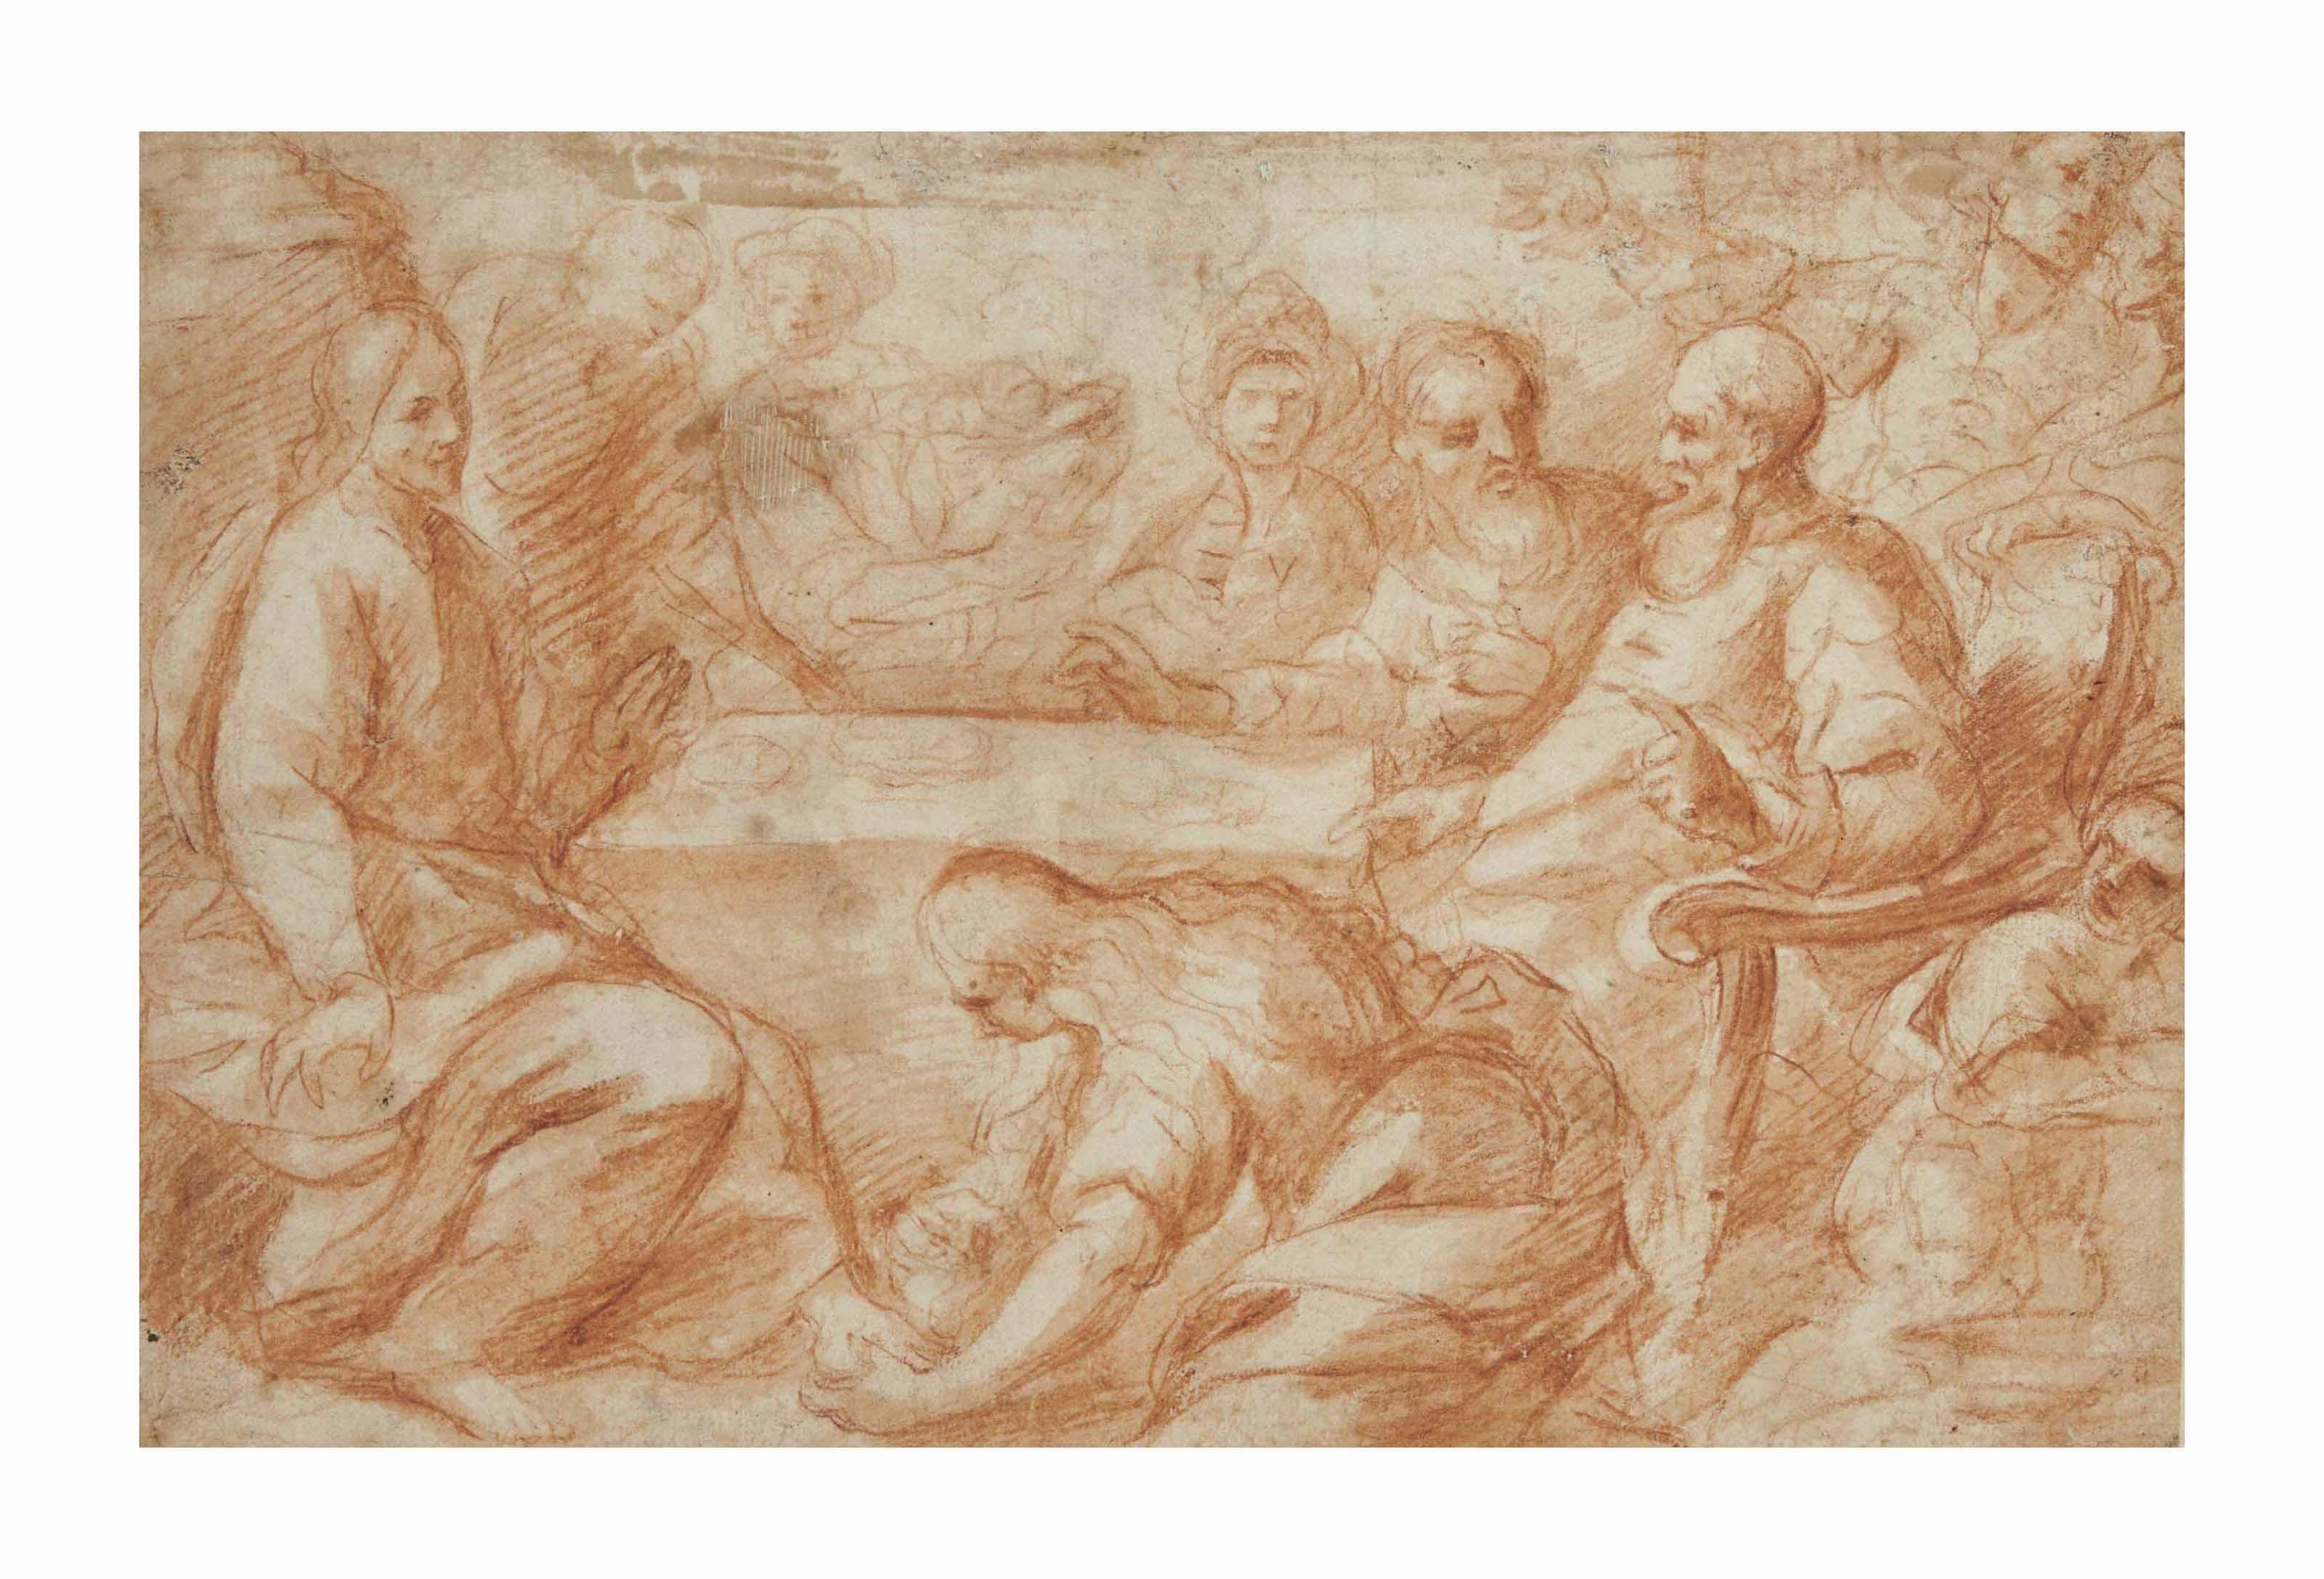 Le Christ chez Simon le pharisien